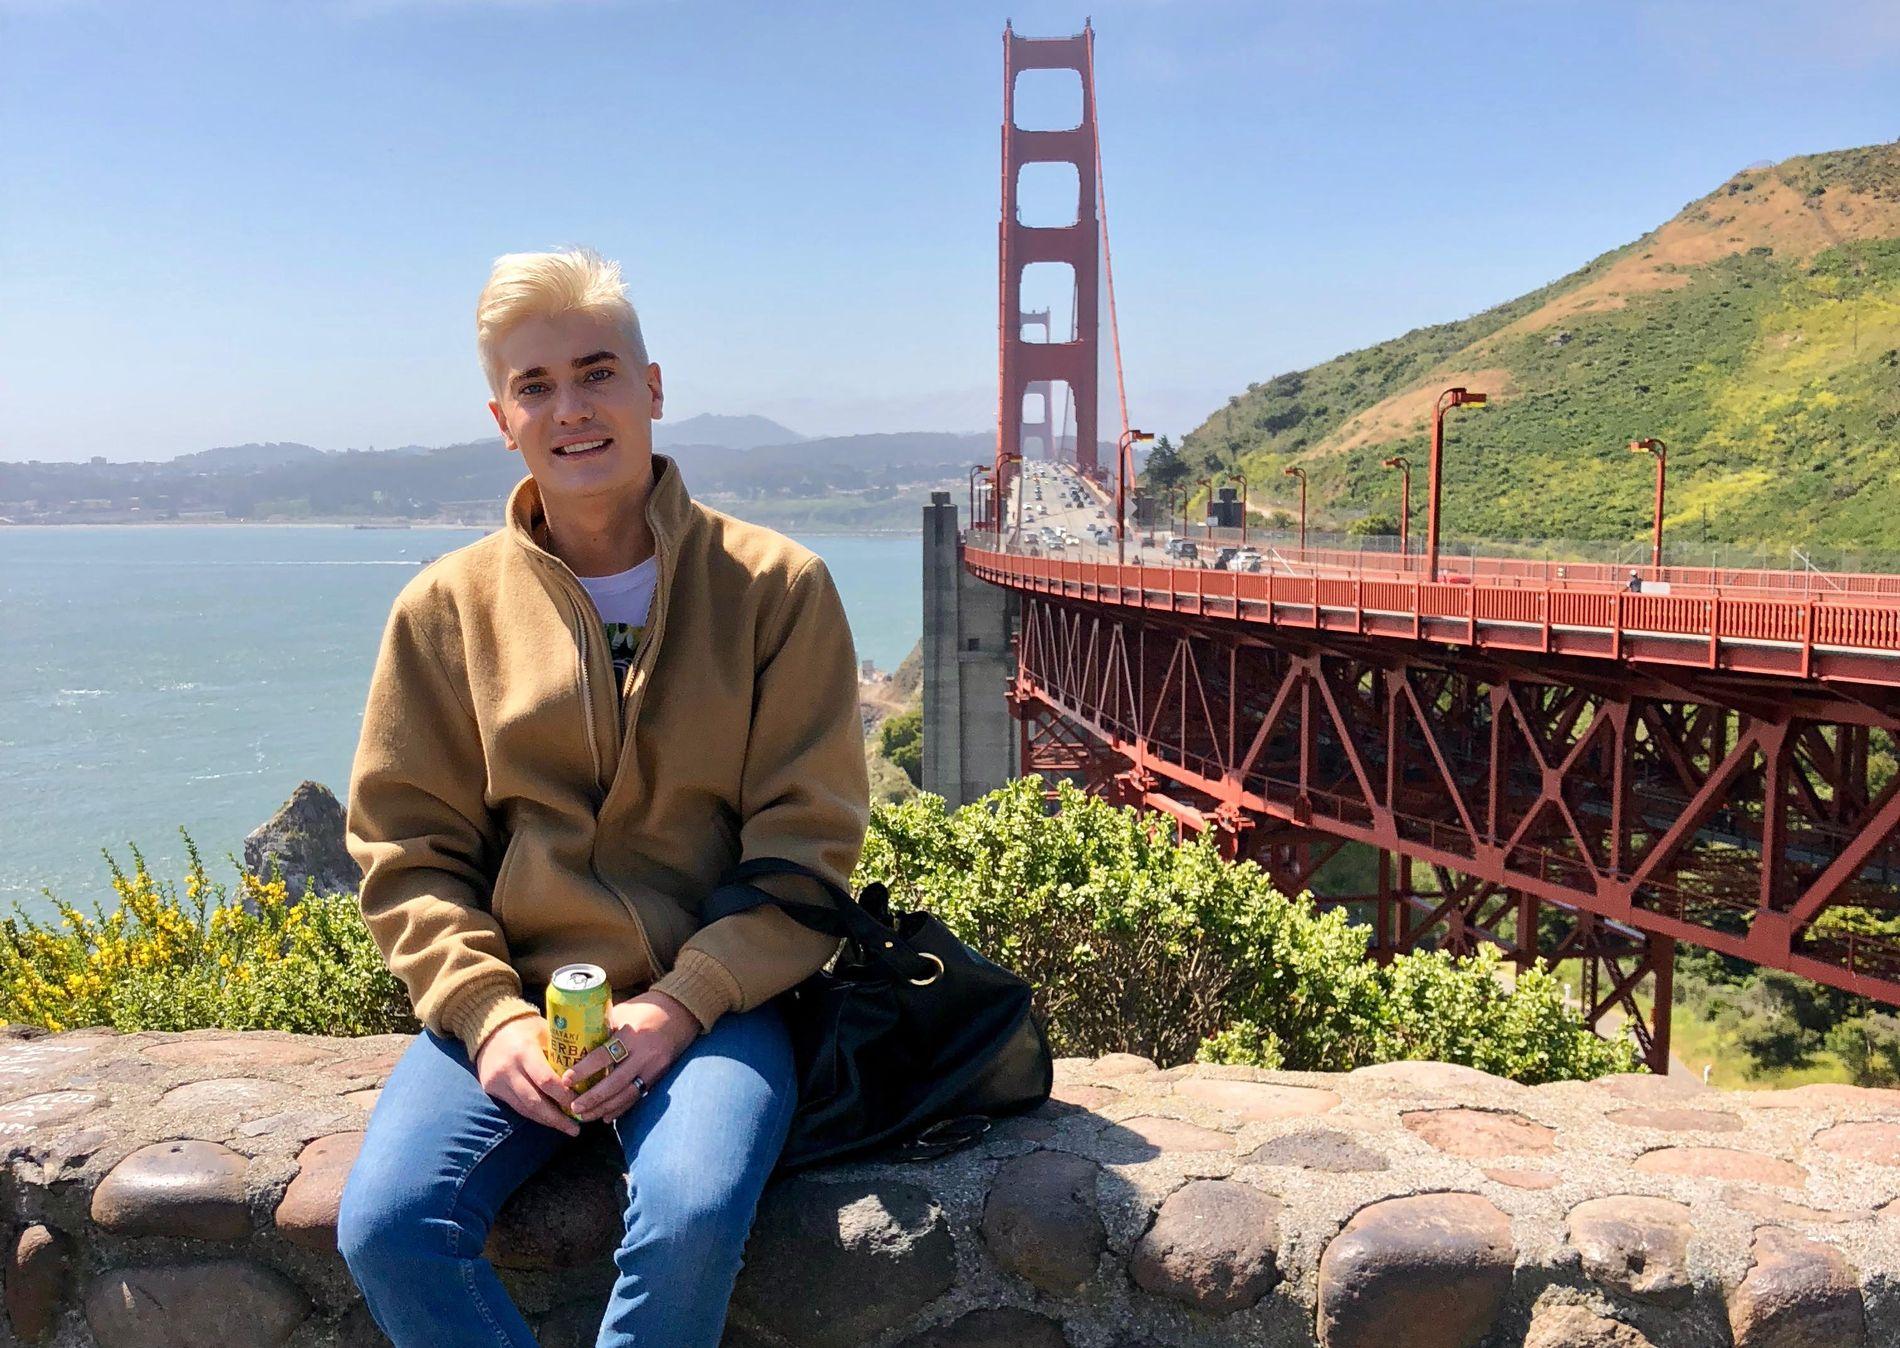 LIVET I LA: Lars Tangen flyttet fra Oslo for snart fire år siden. Nå har livet bedret seg, og han ser lyst på fremtiden.